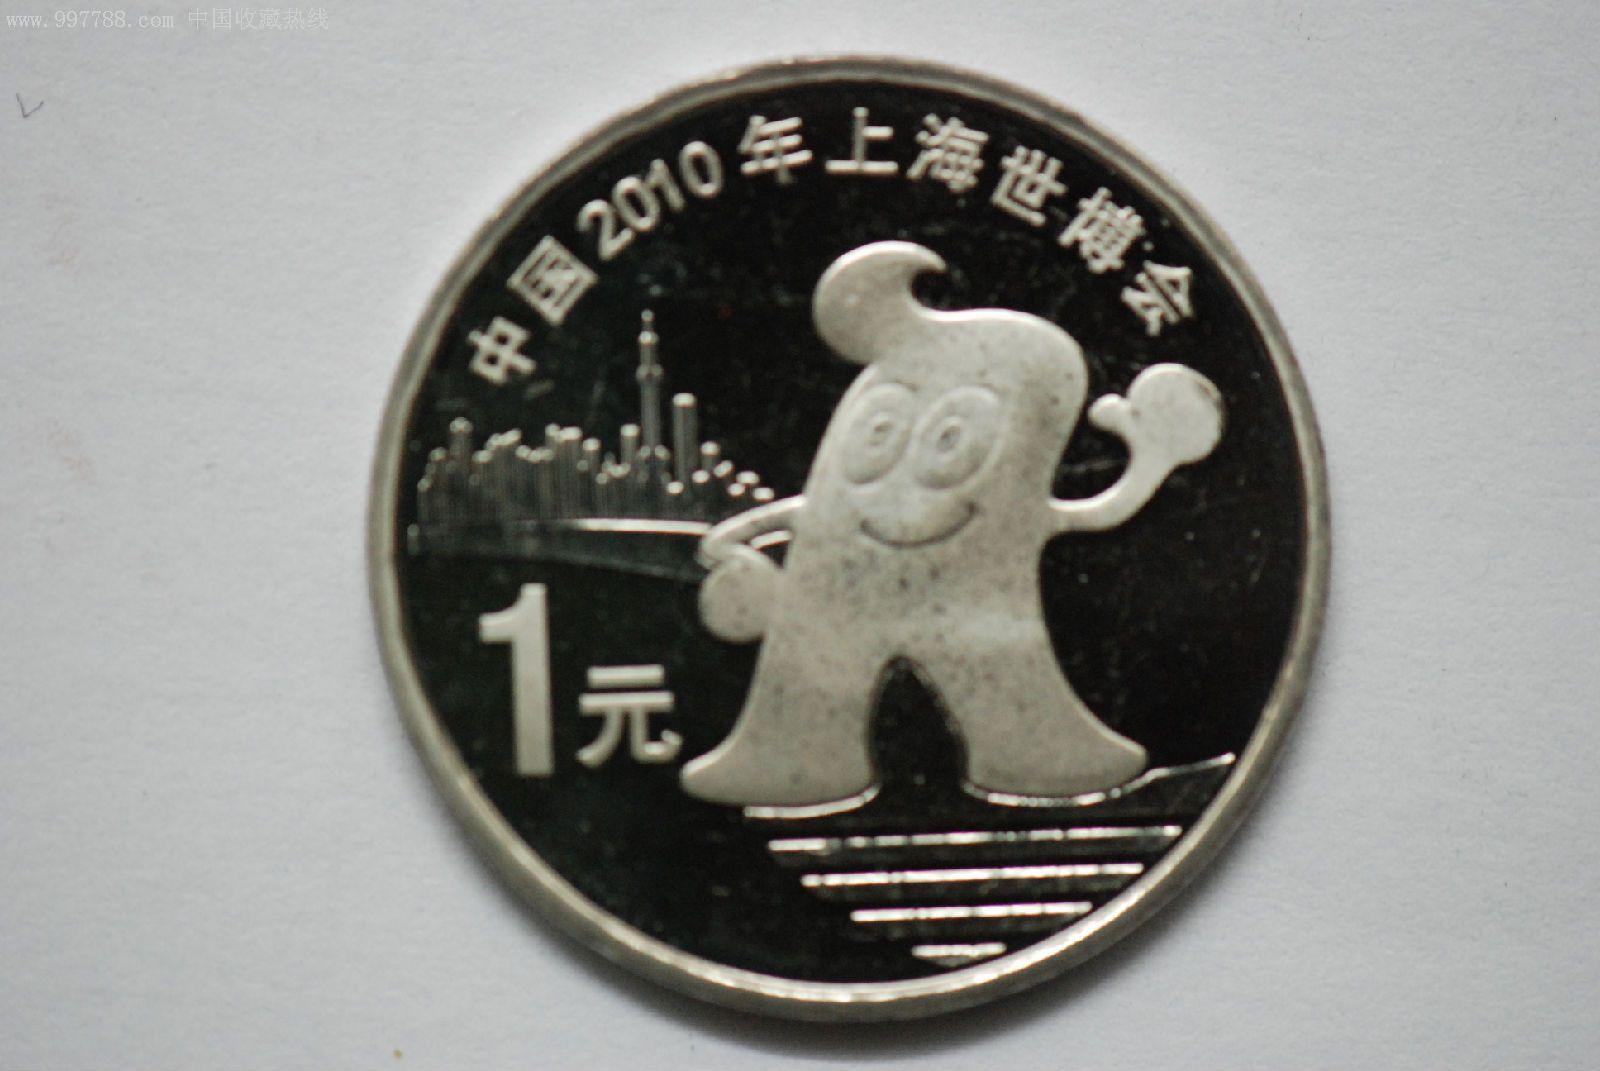 2010世博会纪念品_2010年上海世博会纪念币-普通纪念币-7788收藏__收藏热线